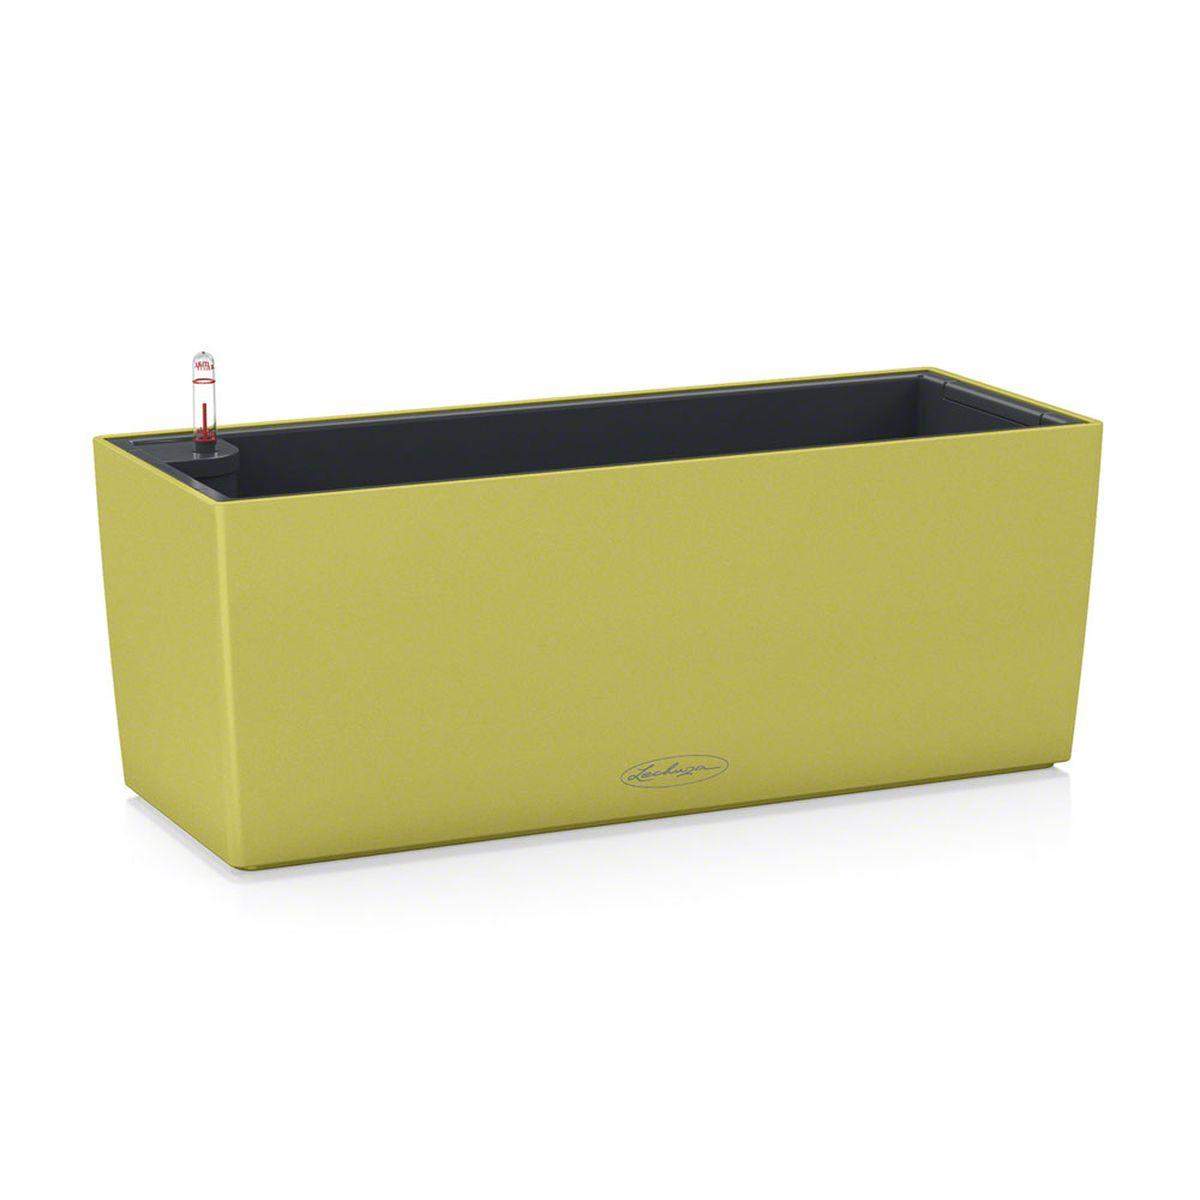 Кашпо Lechuza Balconera Color, с системой автополива, цвет: фисташковый, 50 х 19 х 19 см15672Кашпо Lechuza Balconera Color, выполненное из высококачественного пластика, имеет уникальную систему автополива, благодаря которой корневая система растения непрерывно снабжается влагой из резервуара. Уровень воды в резервуаре контролируется с помощью специального индикатора. В зависимости от размера кашпо и растения воды хватает на 2-12 недель. Это способствует хорошему росту цветов и предотвращает переувлажнение.В набор входит: кашпо, внутренний горшок, индикатор уровня воды, резервуар для воды, балконный держатель.Кашпо Lechuza Balconera Color - превосходное решение для балкона. Оно прекрасно украсит любой интерьер, поможет расставить нужные акценты, а также придаст помещению вид, соответствующий вашим представлениям.